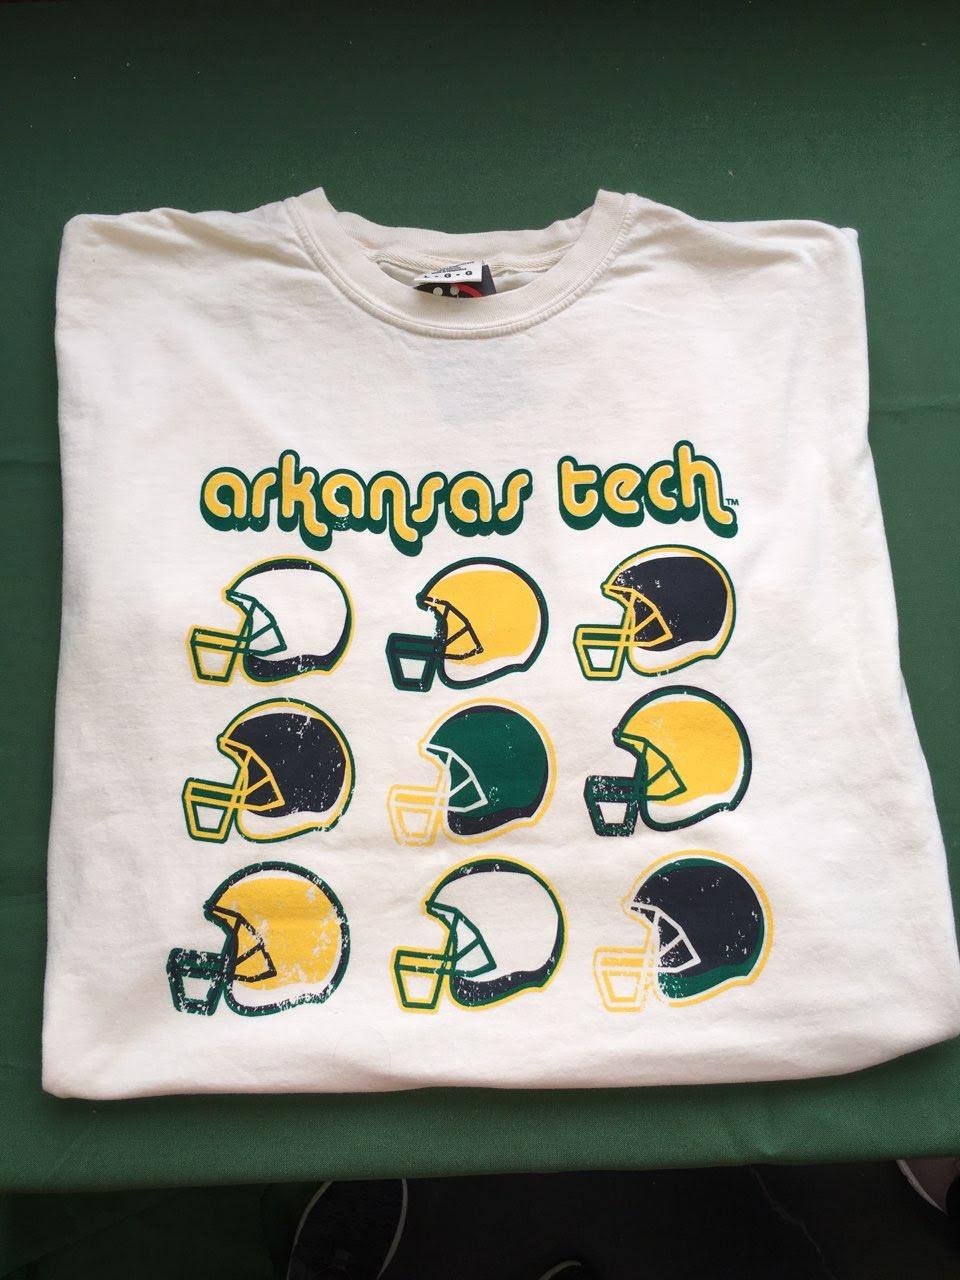 Arkansas Tech Retro Football Helmets